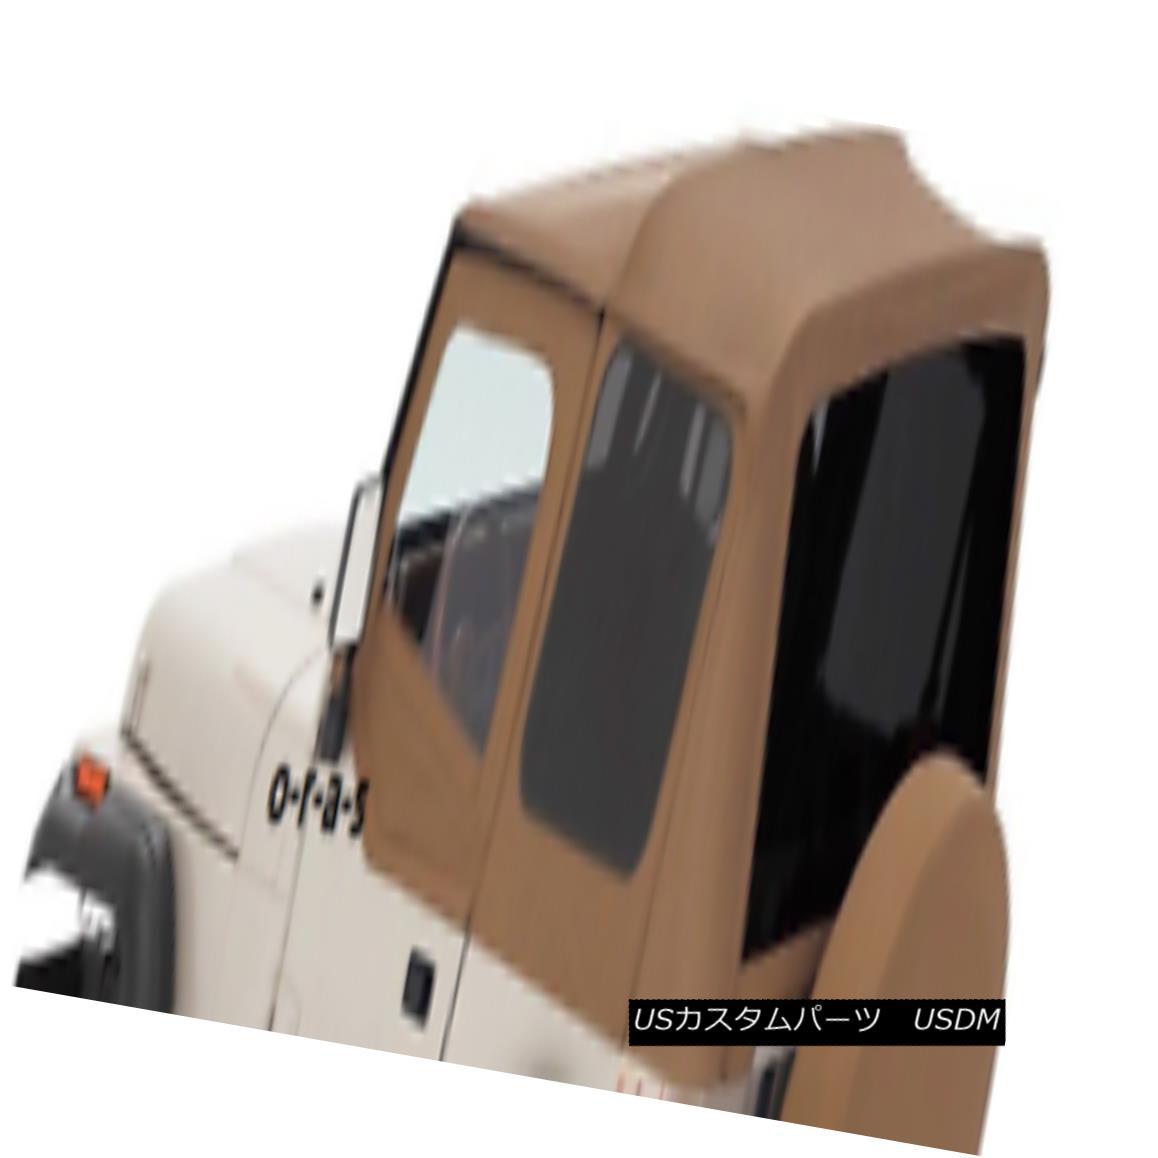 幌・ソフトトップ SPICE 88-95 soft top Jeep Wrangler FOR HALF DOORS by R 99417 SPICE 88-95ソフトトップジープラングラーハーフドア用R 99417